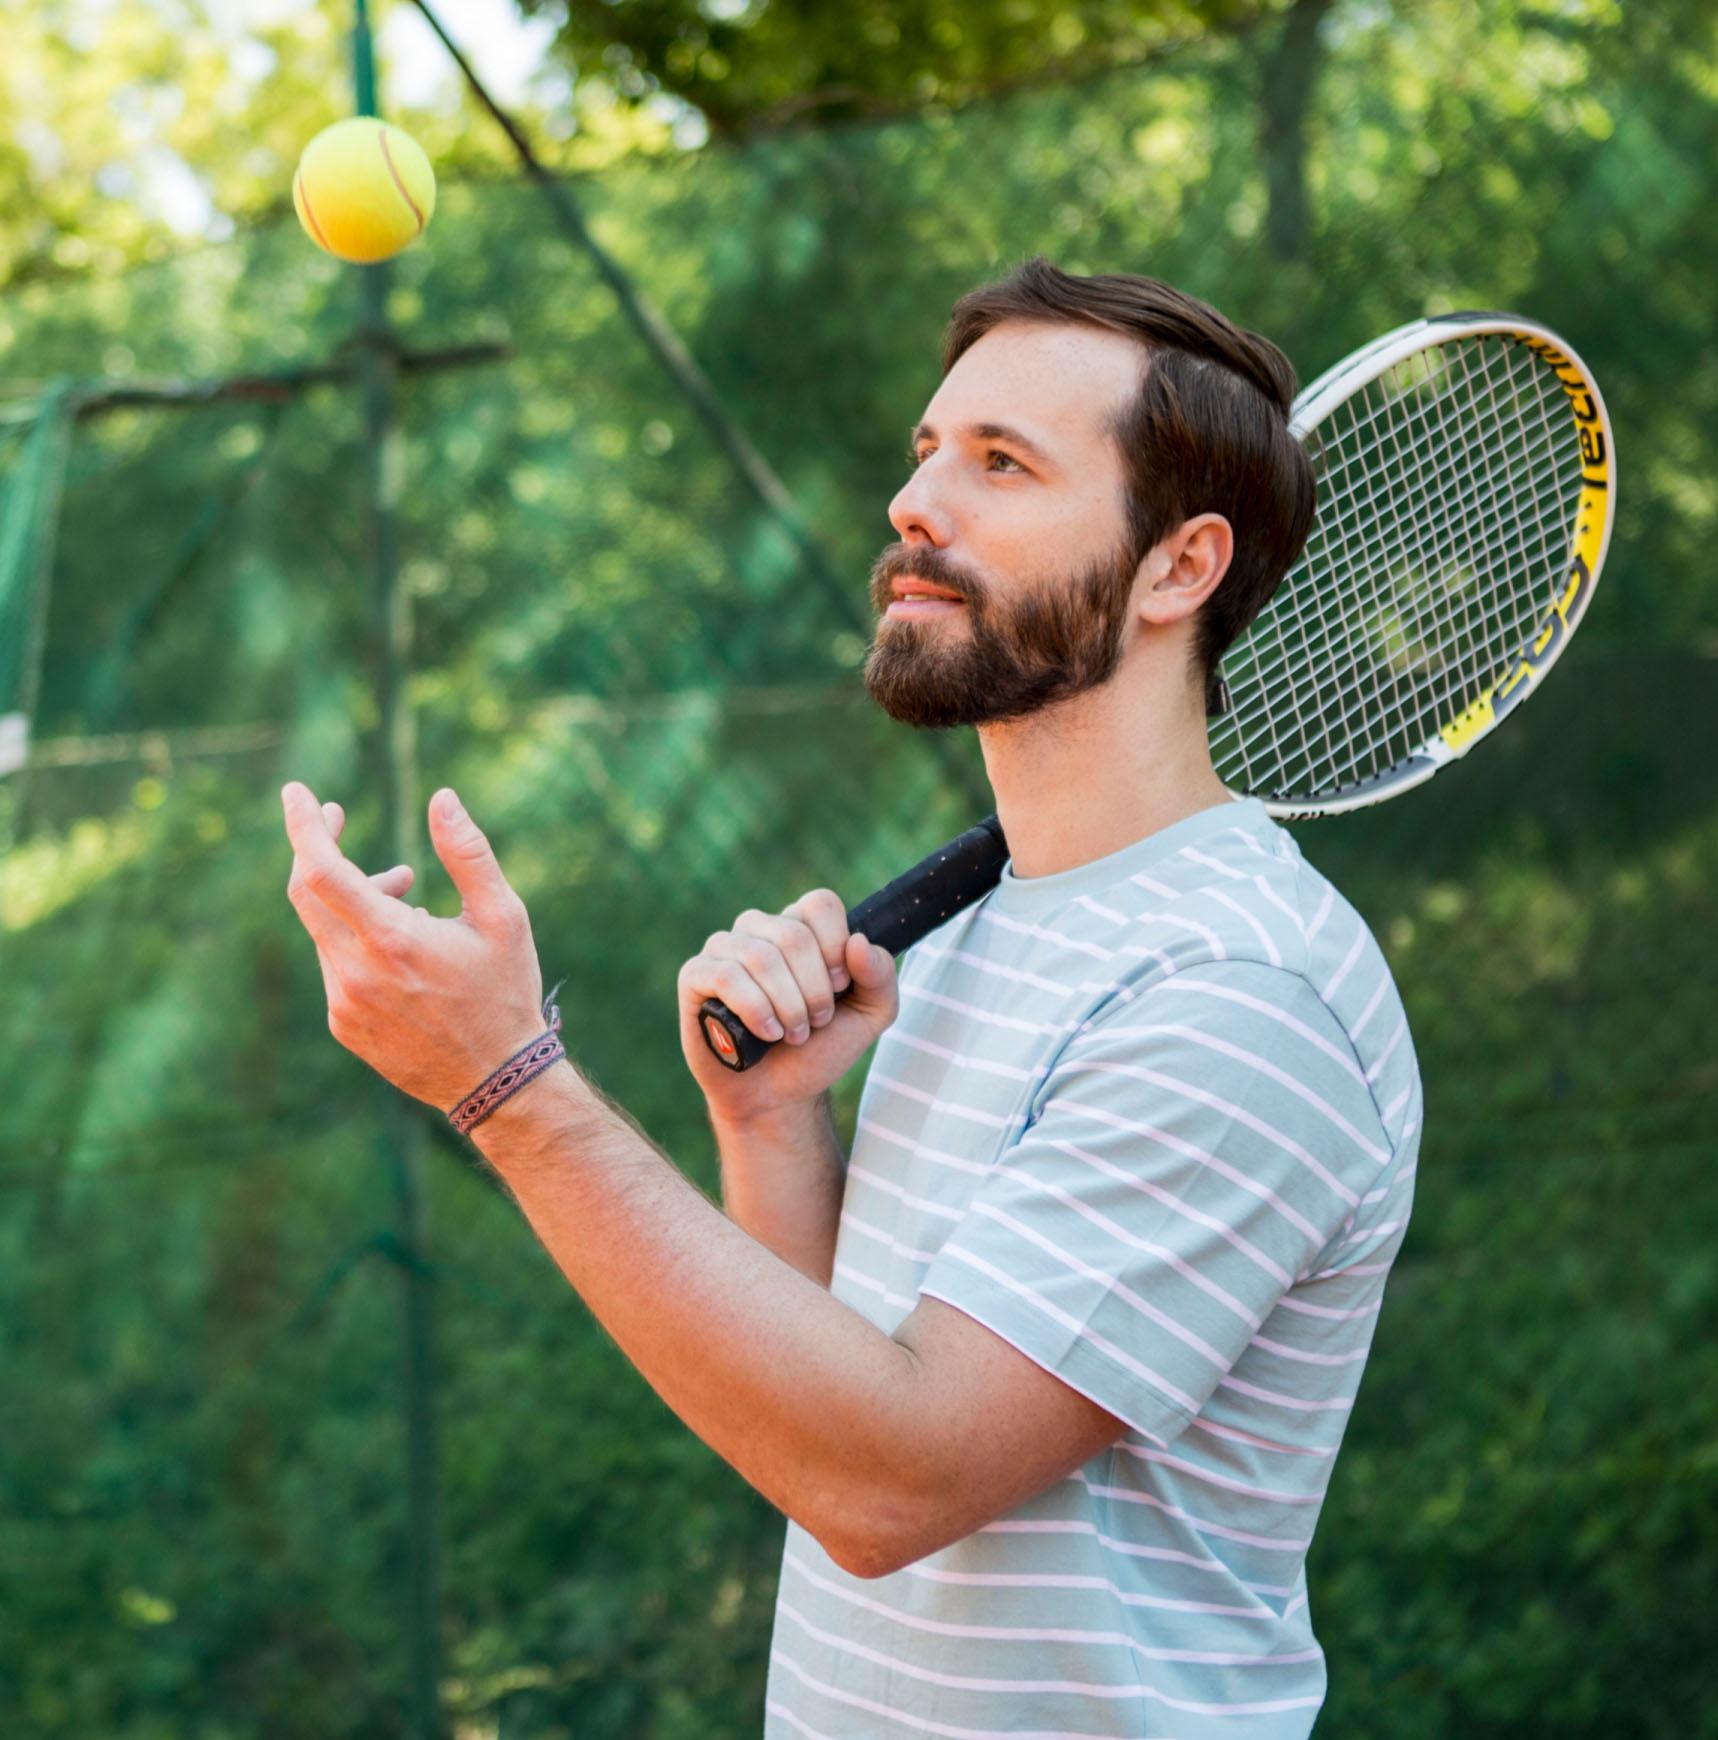 tenis-ziemny1@2x.jpg